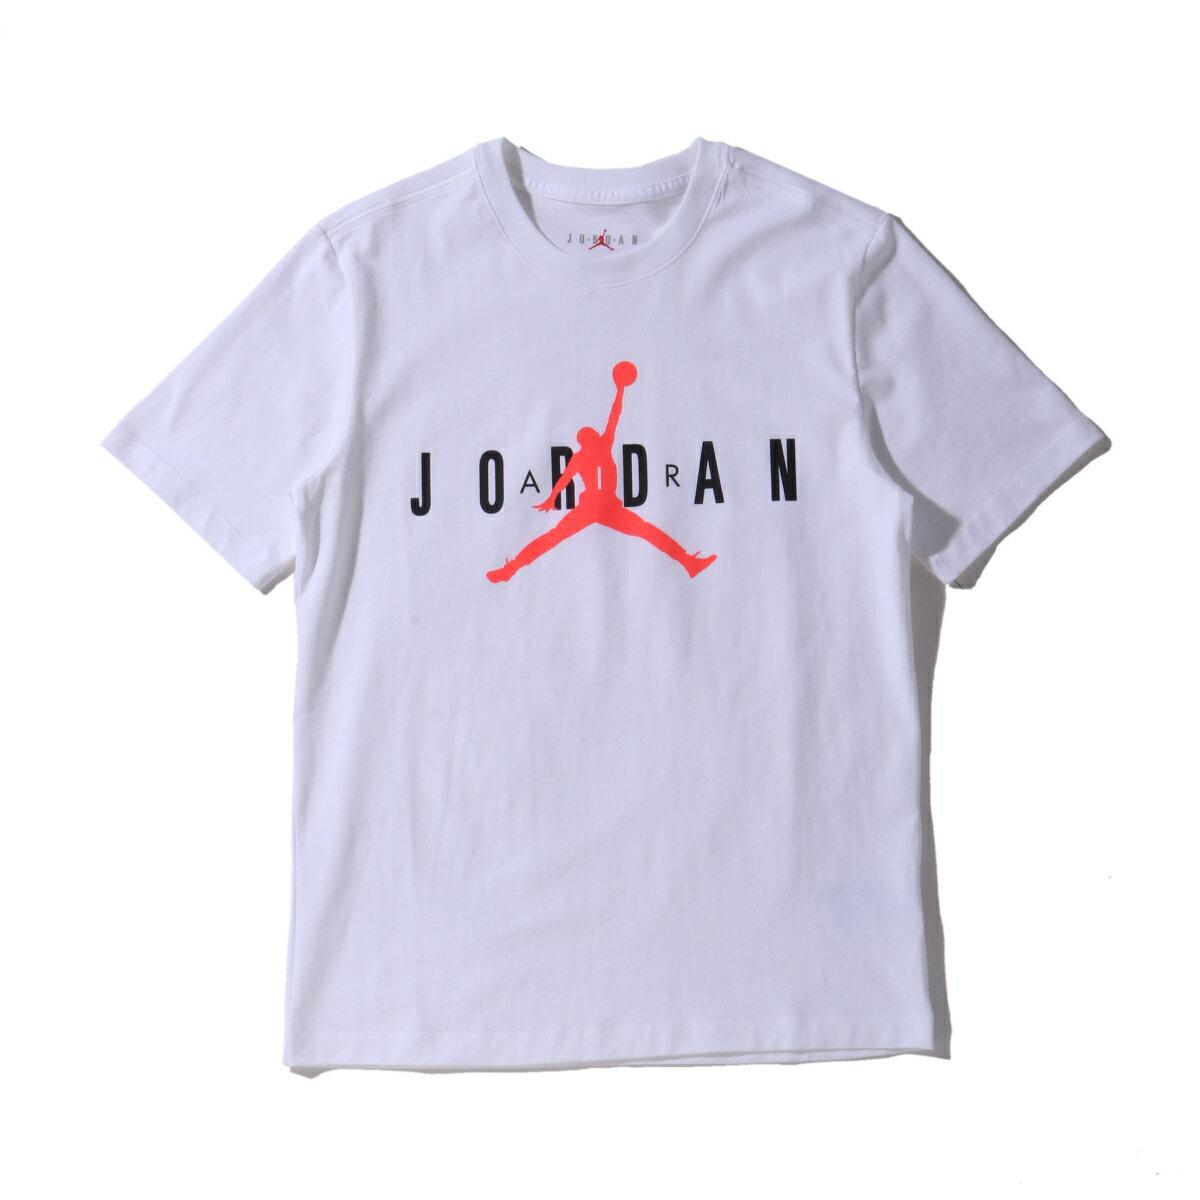 トップス, Tシャツ・カットソー JORDAN BRAND AS M J SS CTN JRDN AIR WRDMRK( CTN JRDN SS)WHITEBLACKINFRARED 23 T20SU-I